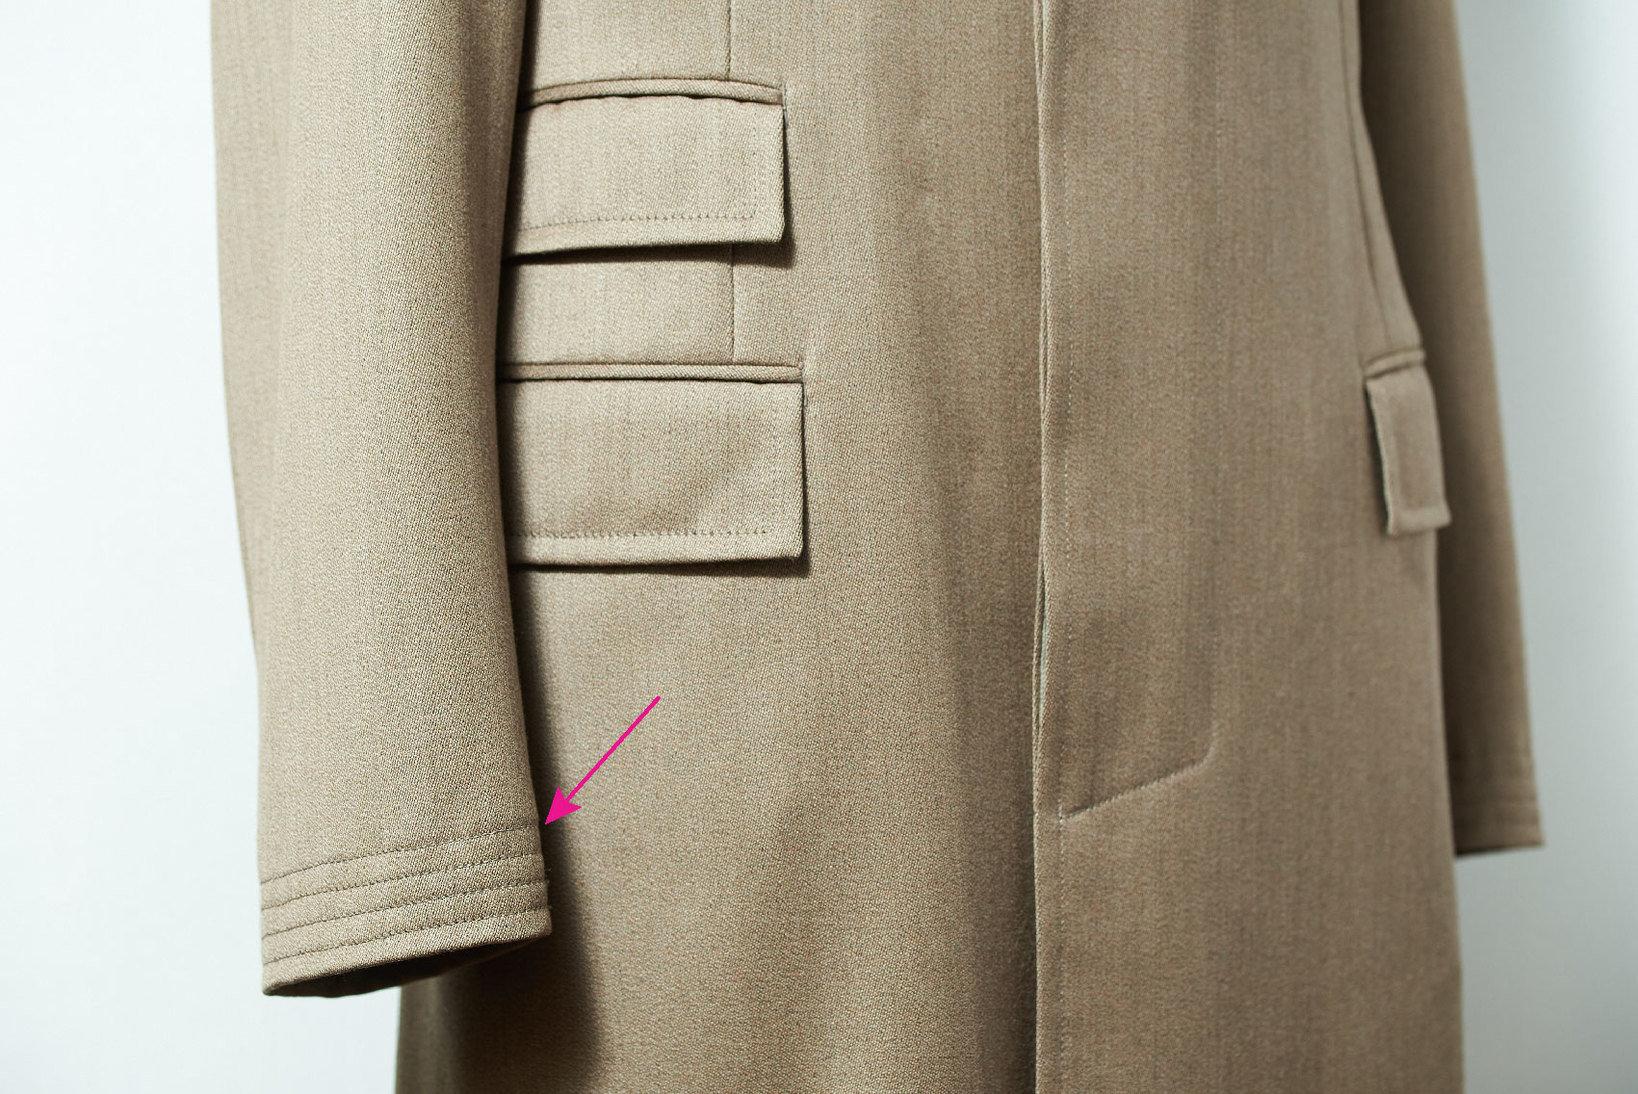 カバートコートの象徴たる、袖裾に入った4本のレイルロードステッチ。身頃の裾にも同様のものが付く。